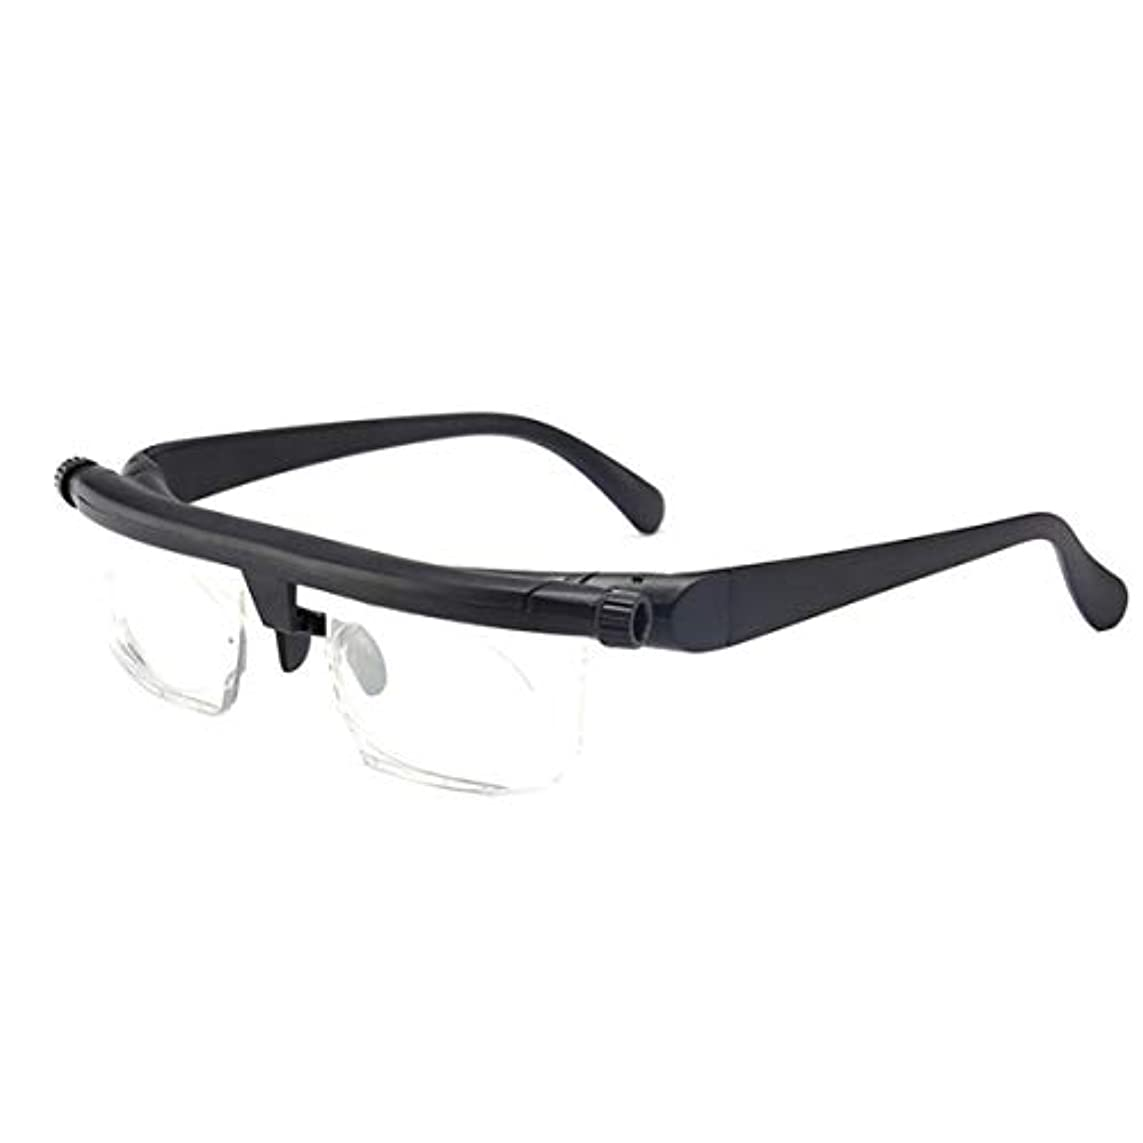 黙認するグローバルミスペンドIntercorey Tr90焦点距離調整老眼鏡は、-6D?+ 3D度の近視老眼鏡に調整できます。